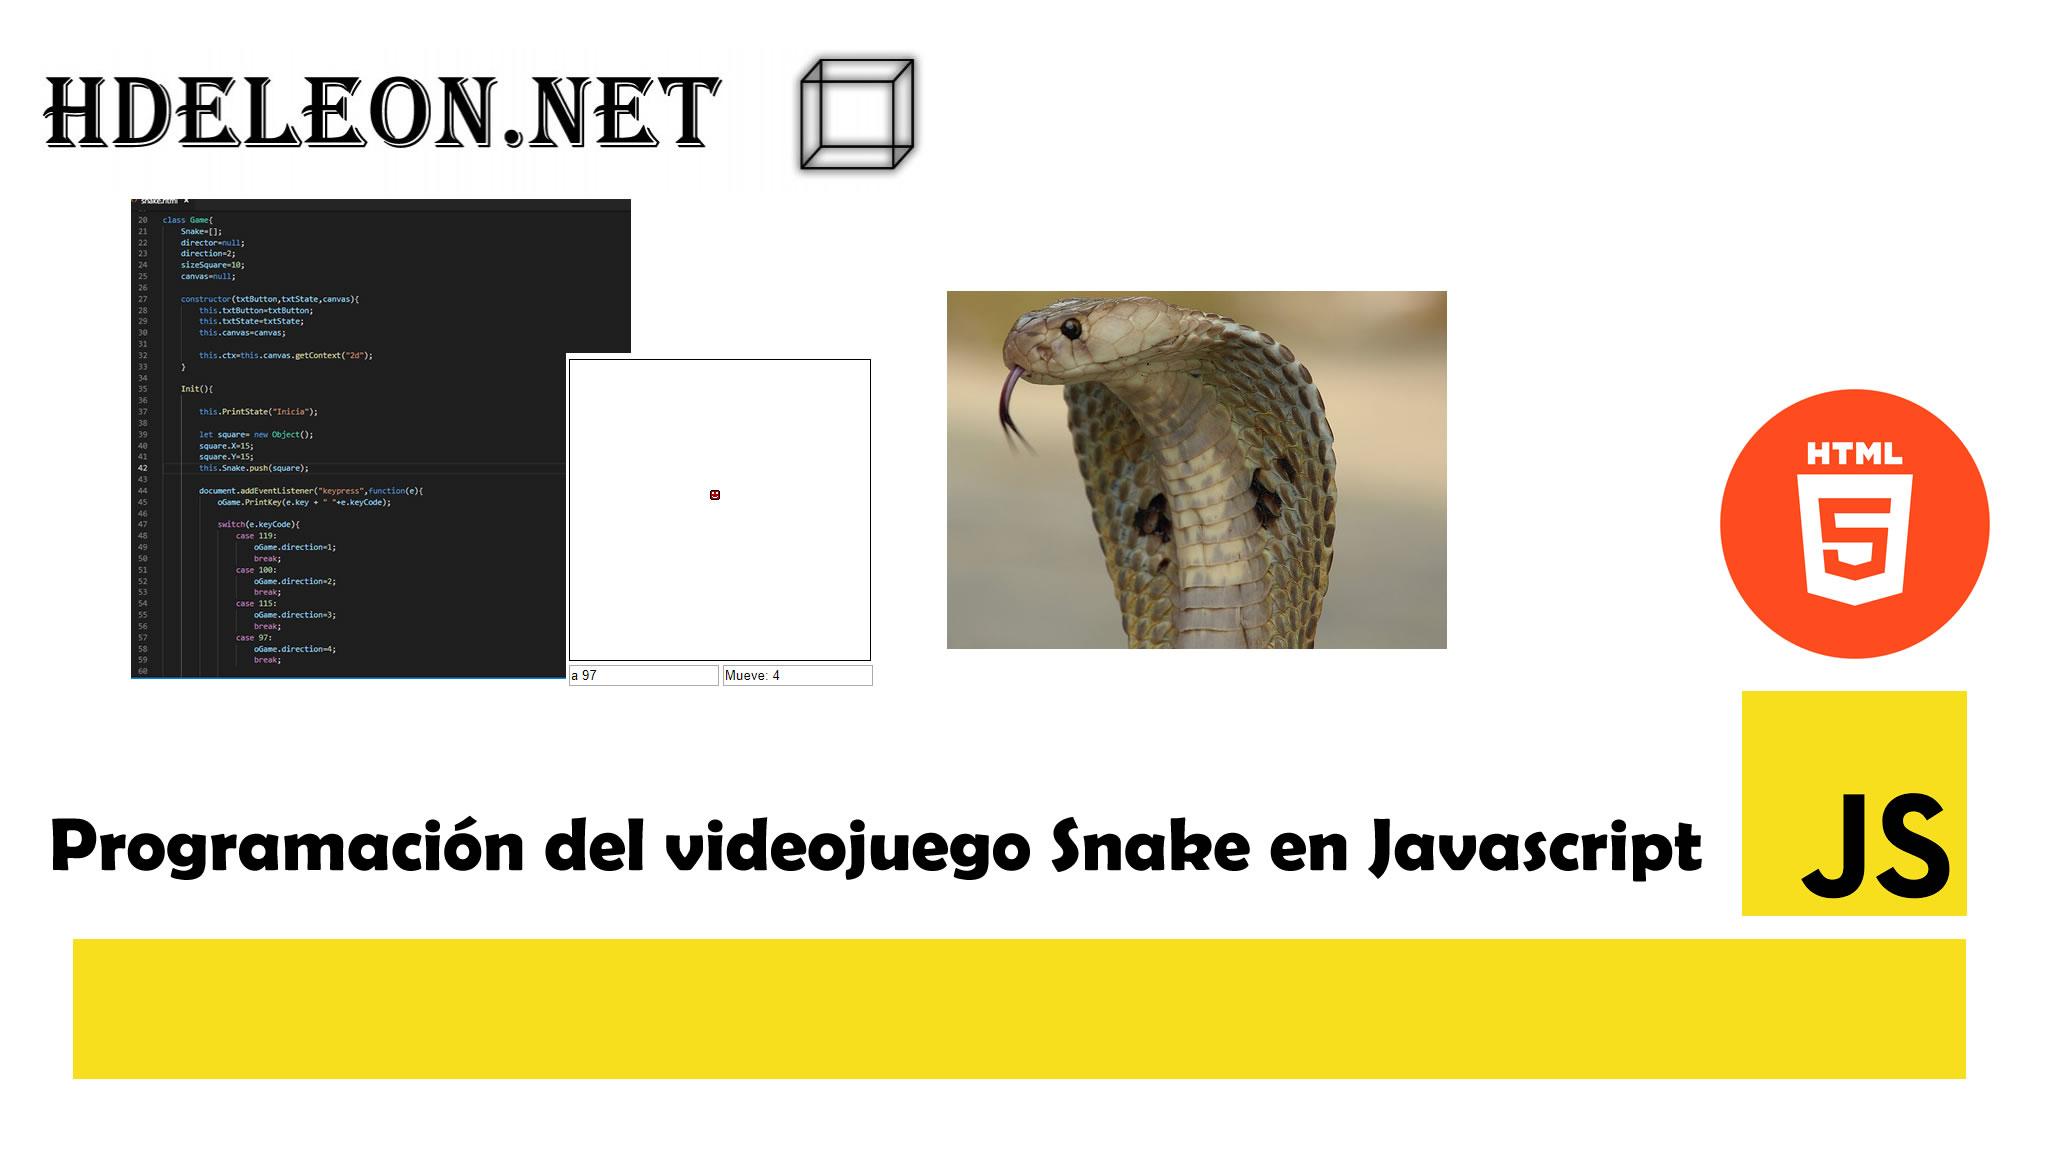 Programación del videojuego Snake en Javascript